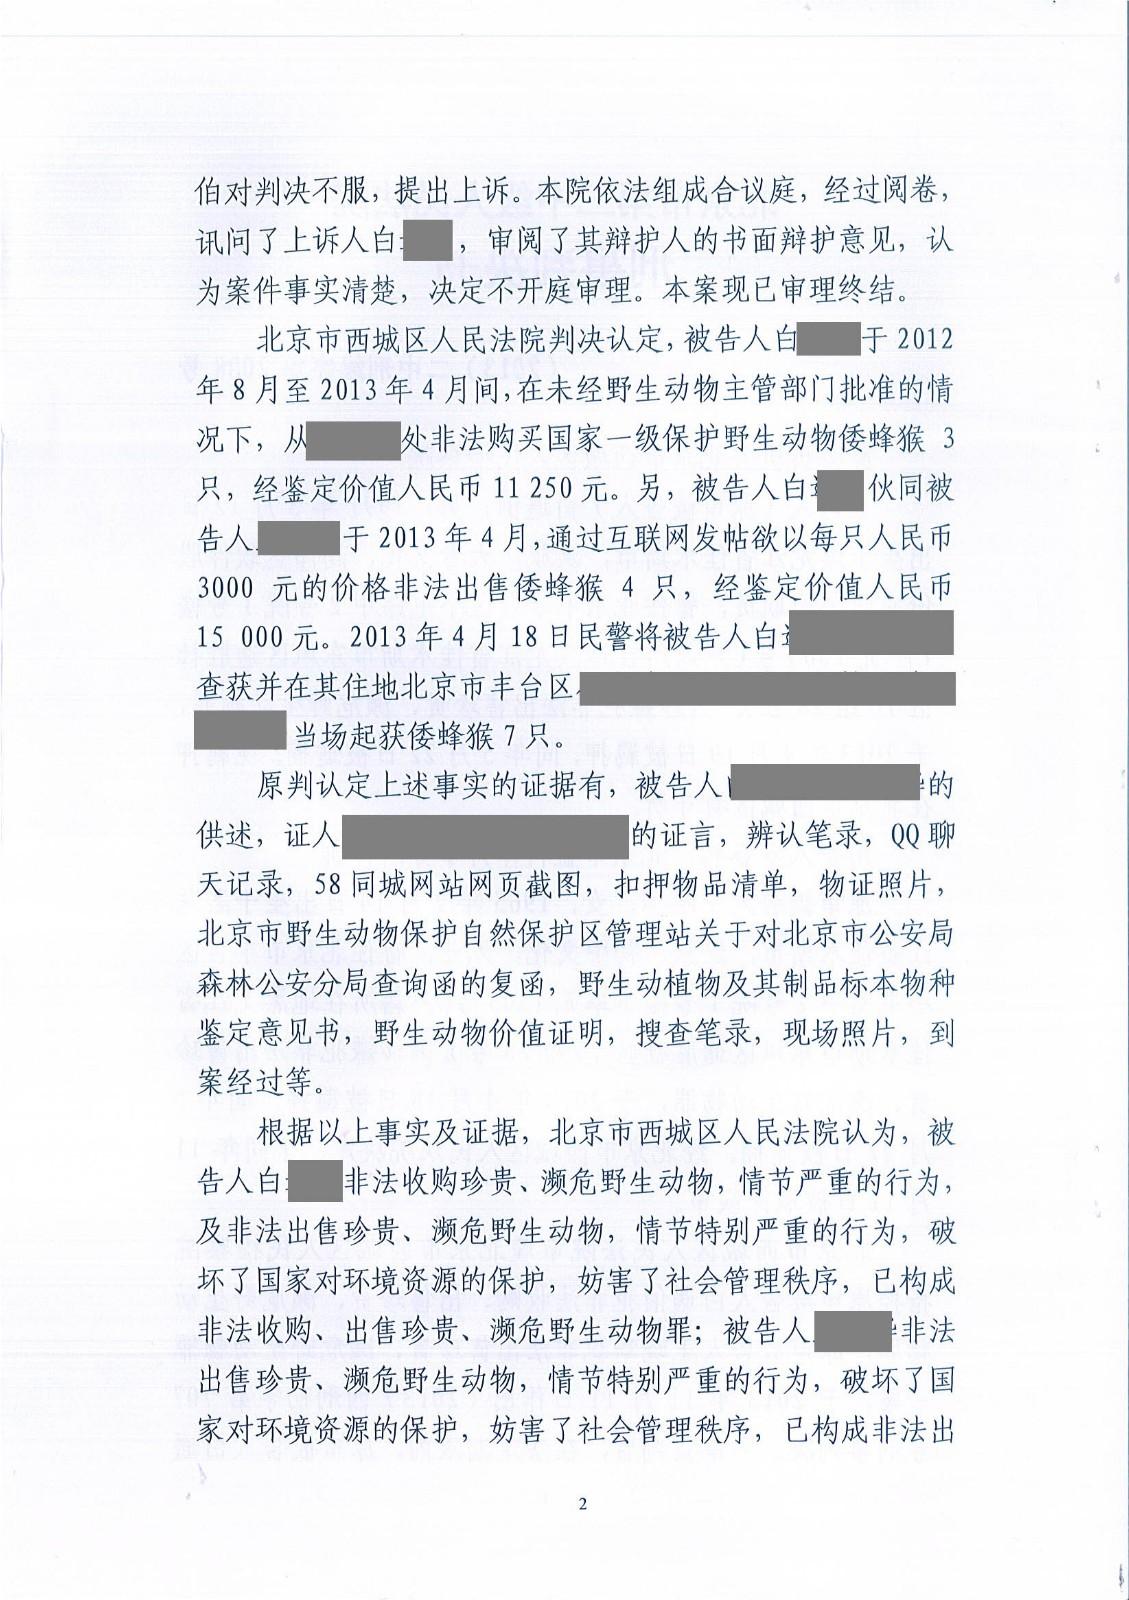 白遇伯刑事判决书(2013)二中刑终字第2088号-222.jpg